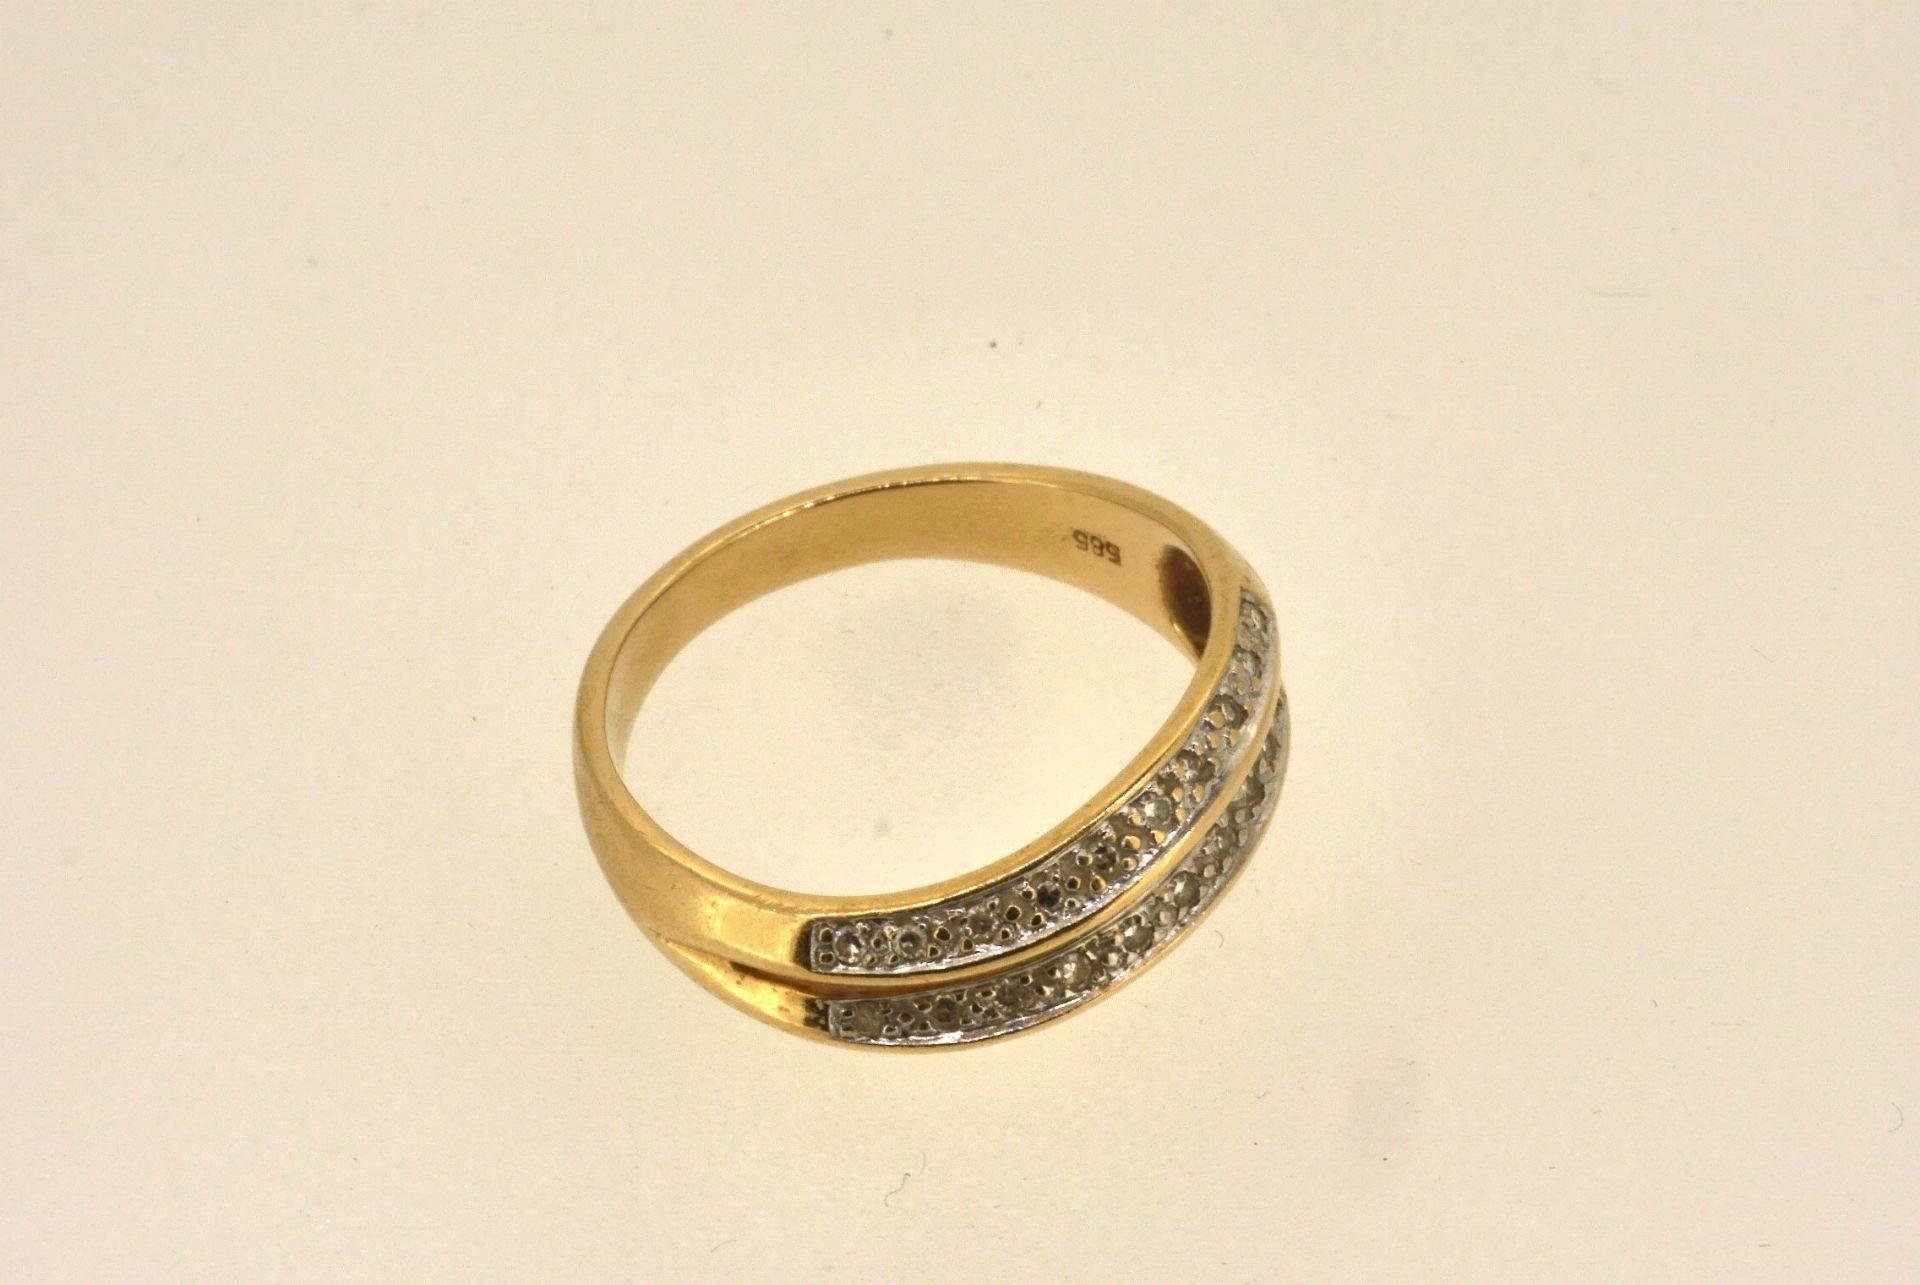 Ring GG 585, Diamanten, 3,87 Gramm - Bild 2 aus 4